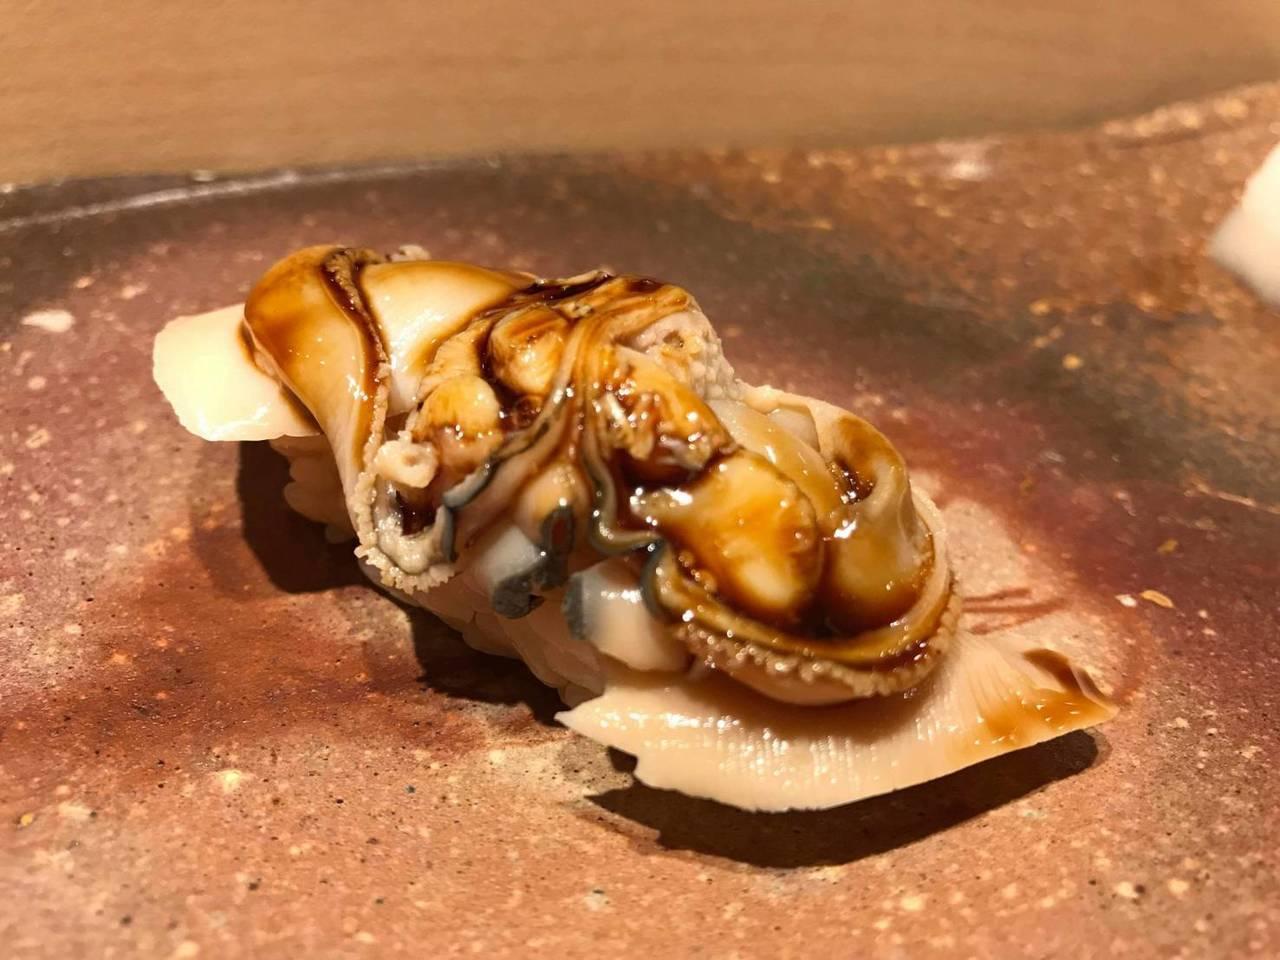 在鮨野村會發現原來這麼多不同食材都能變成美味的壽司料理。 圖/鮨野村提供